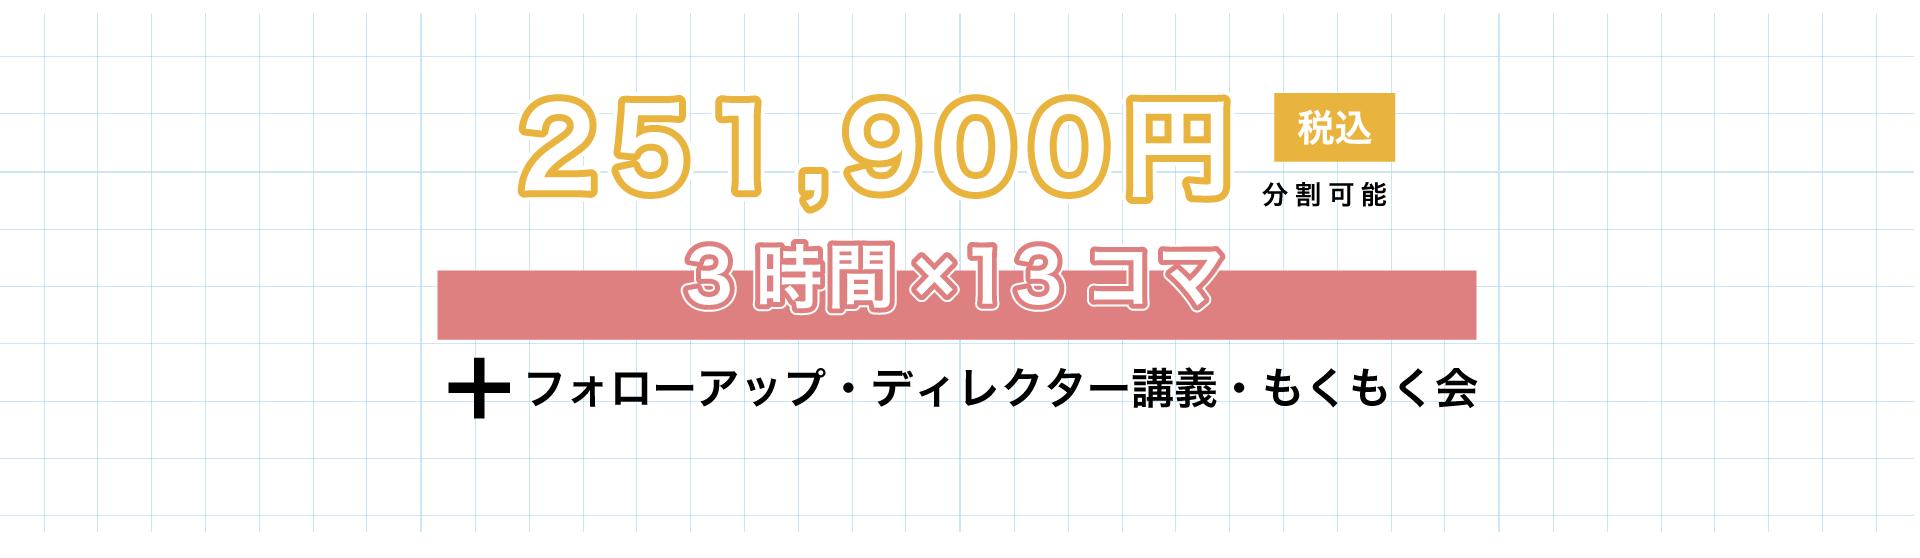 251900円 税込み分割可能 3時間x13コマ フォローアップ、ディレクター講義、もくもく会